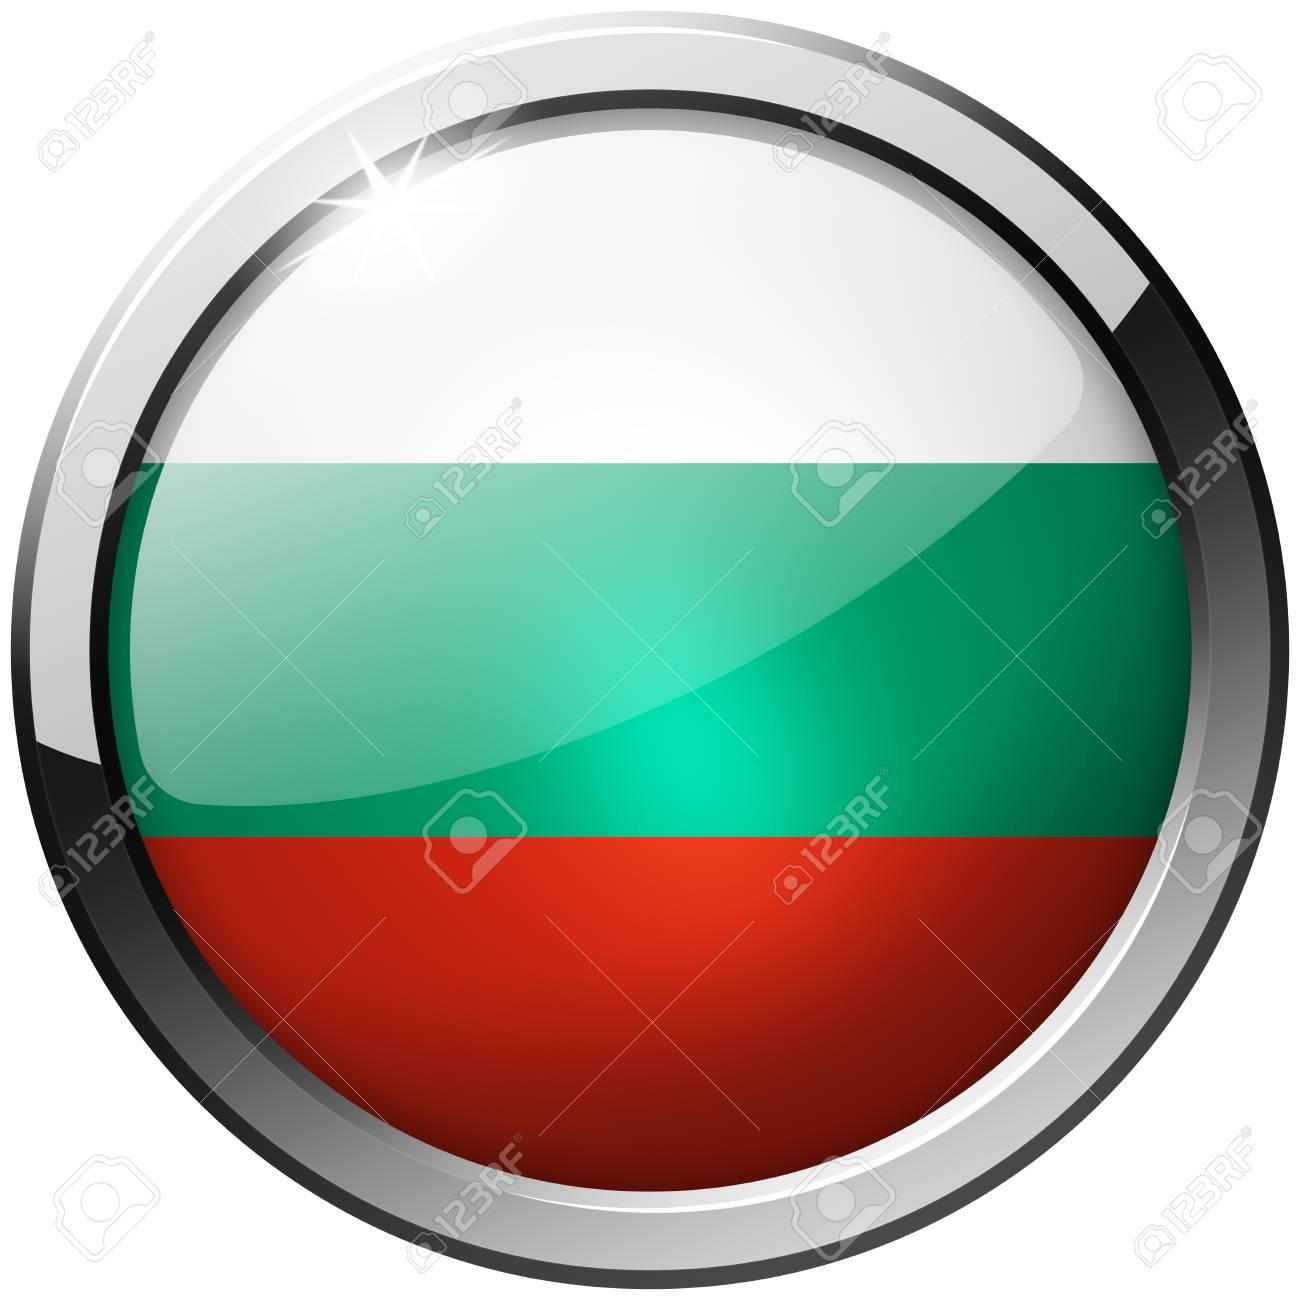 Bulgaria Round Metal Glass Button Stock Photo - 21200722